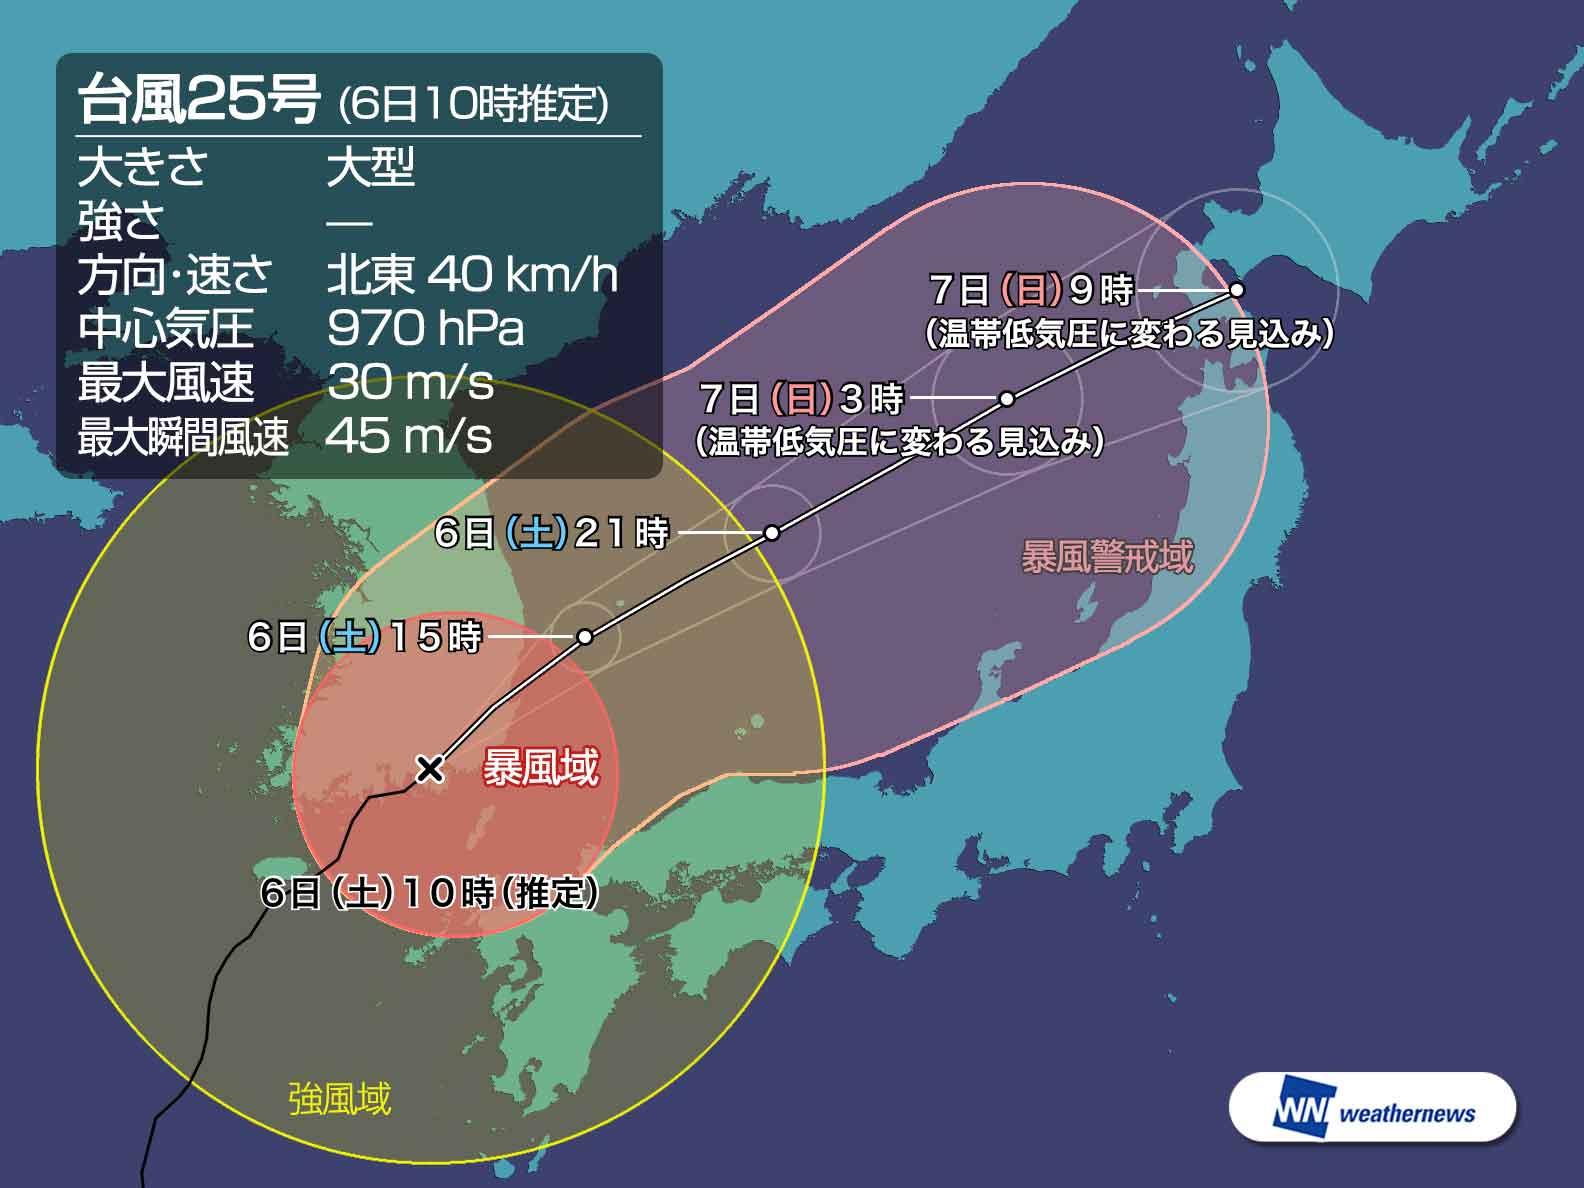 台風25号 韓国に上陸 日本では暴風と気温上昇に注意